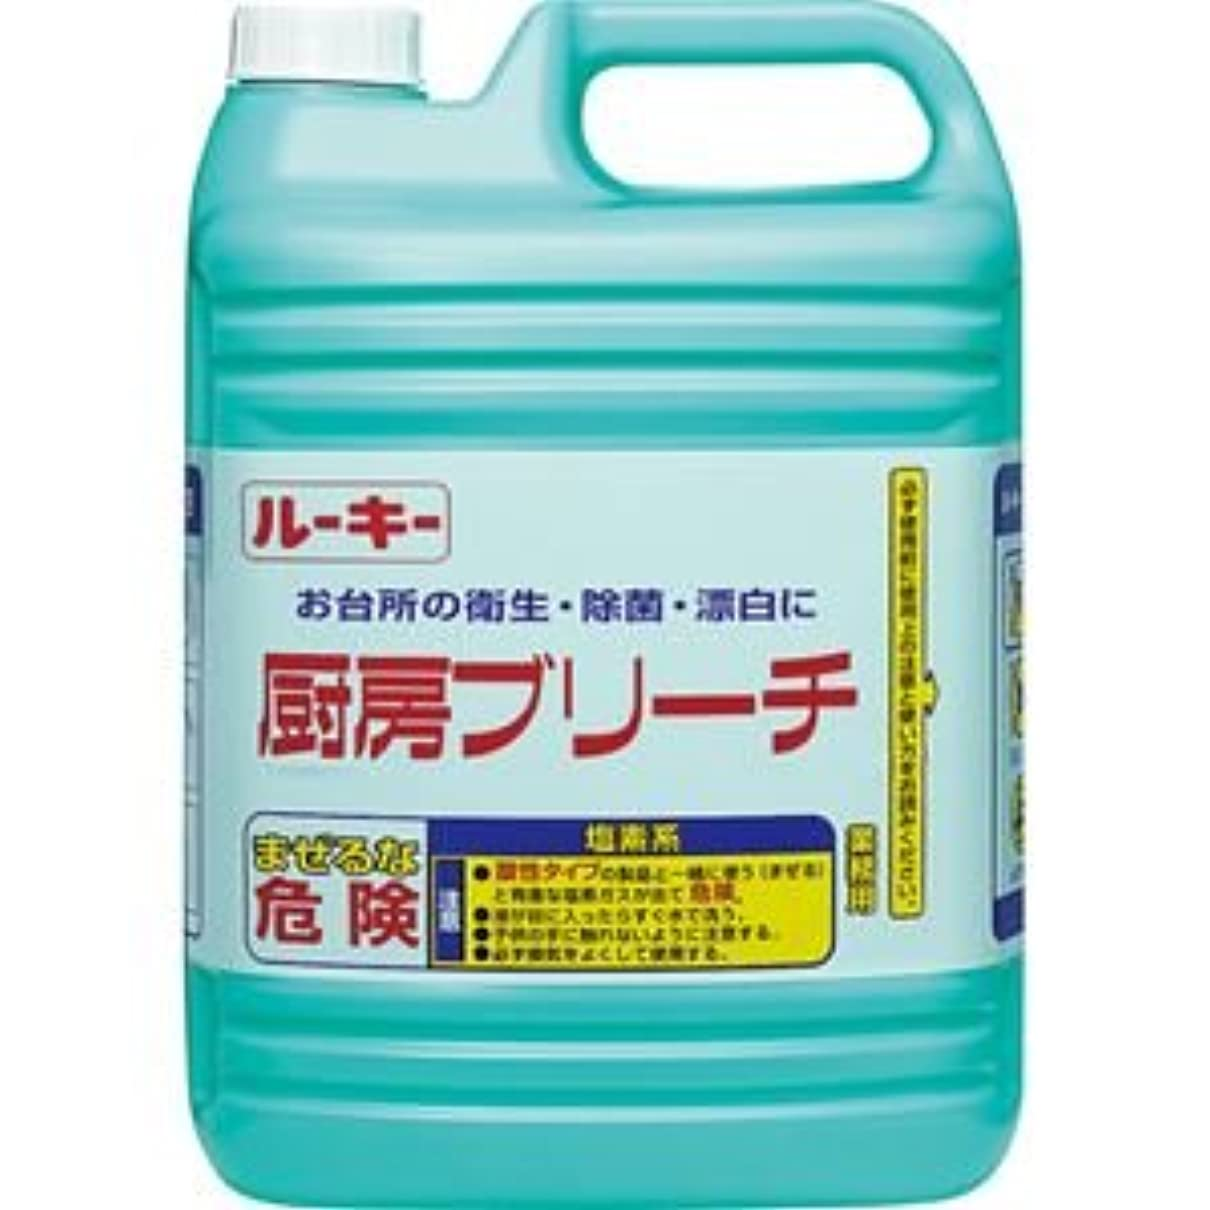 メディック傷跡ジュース(まとめ) 第一石鹸 ルーキー 厨房ブリーチ 業務用 5kg 1本 【×5セット】